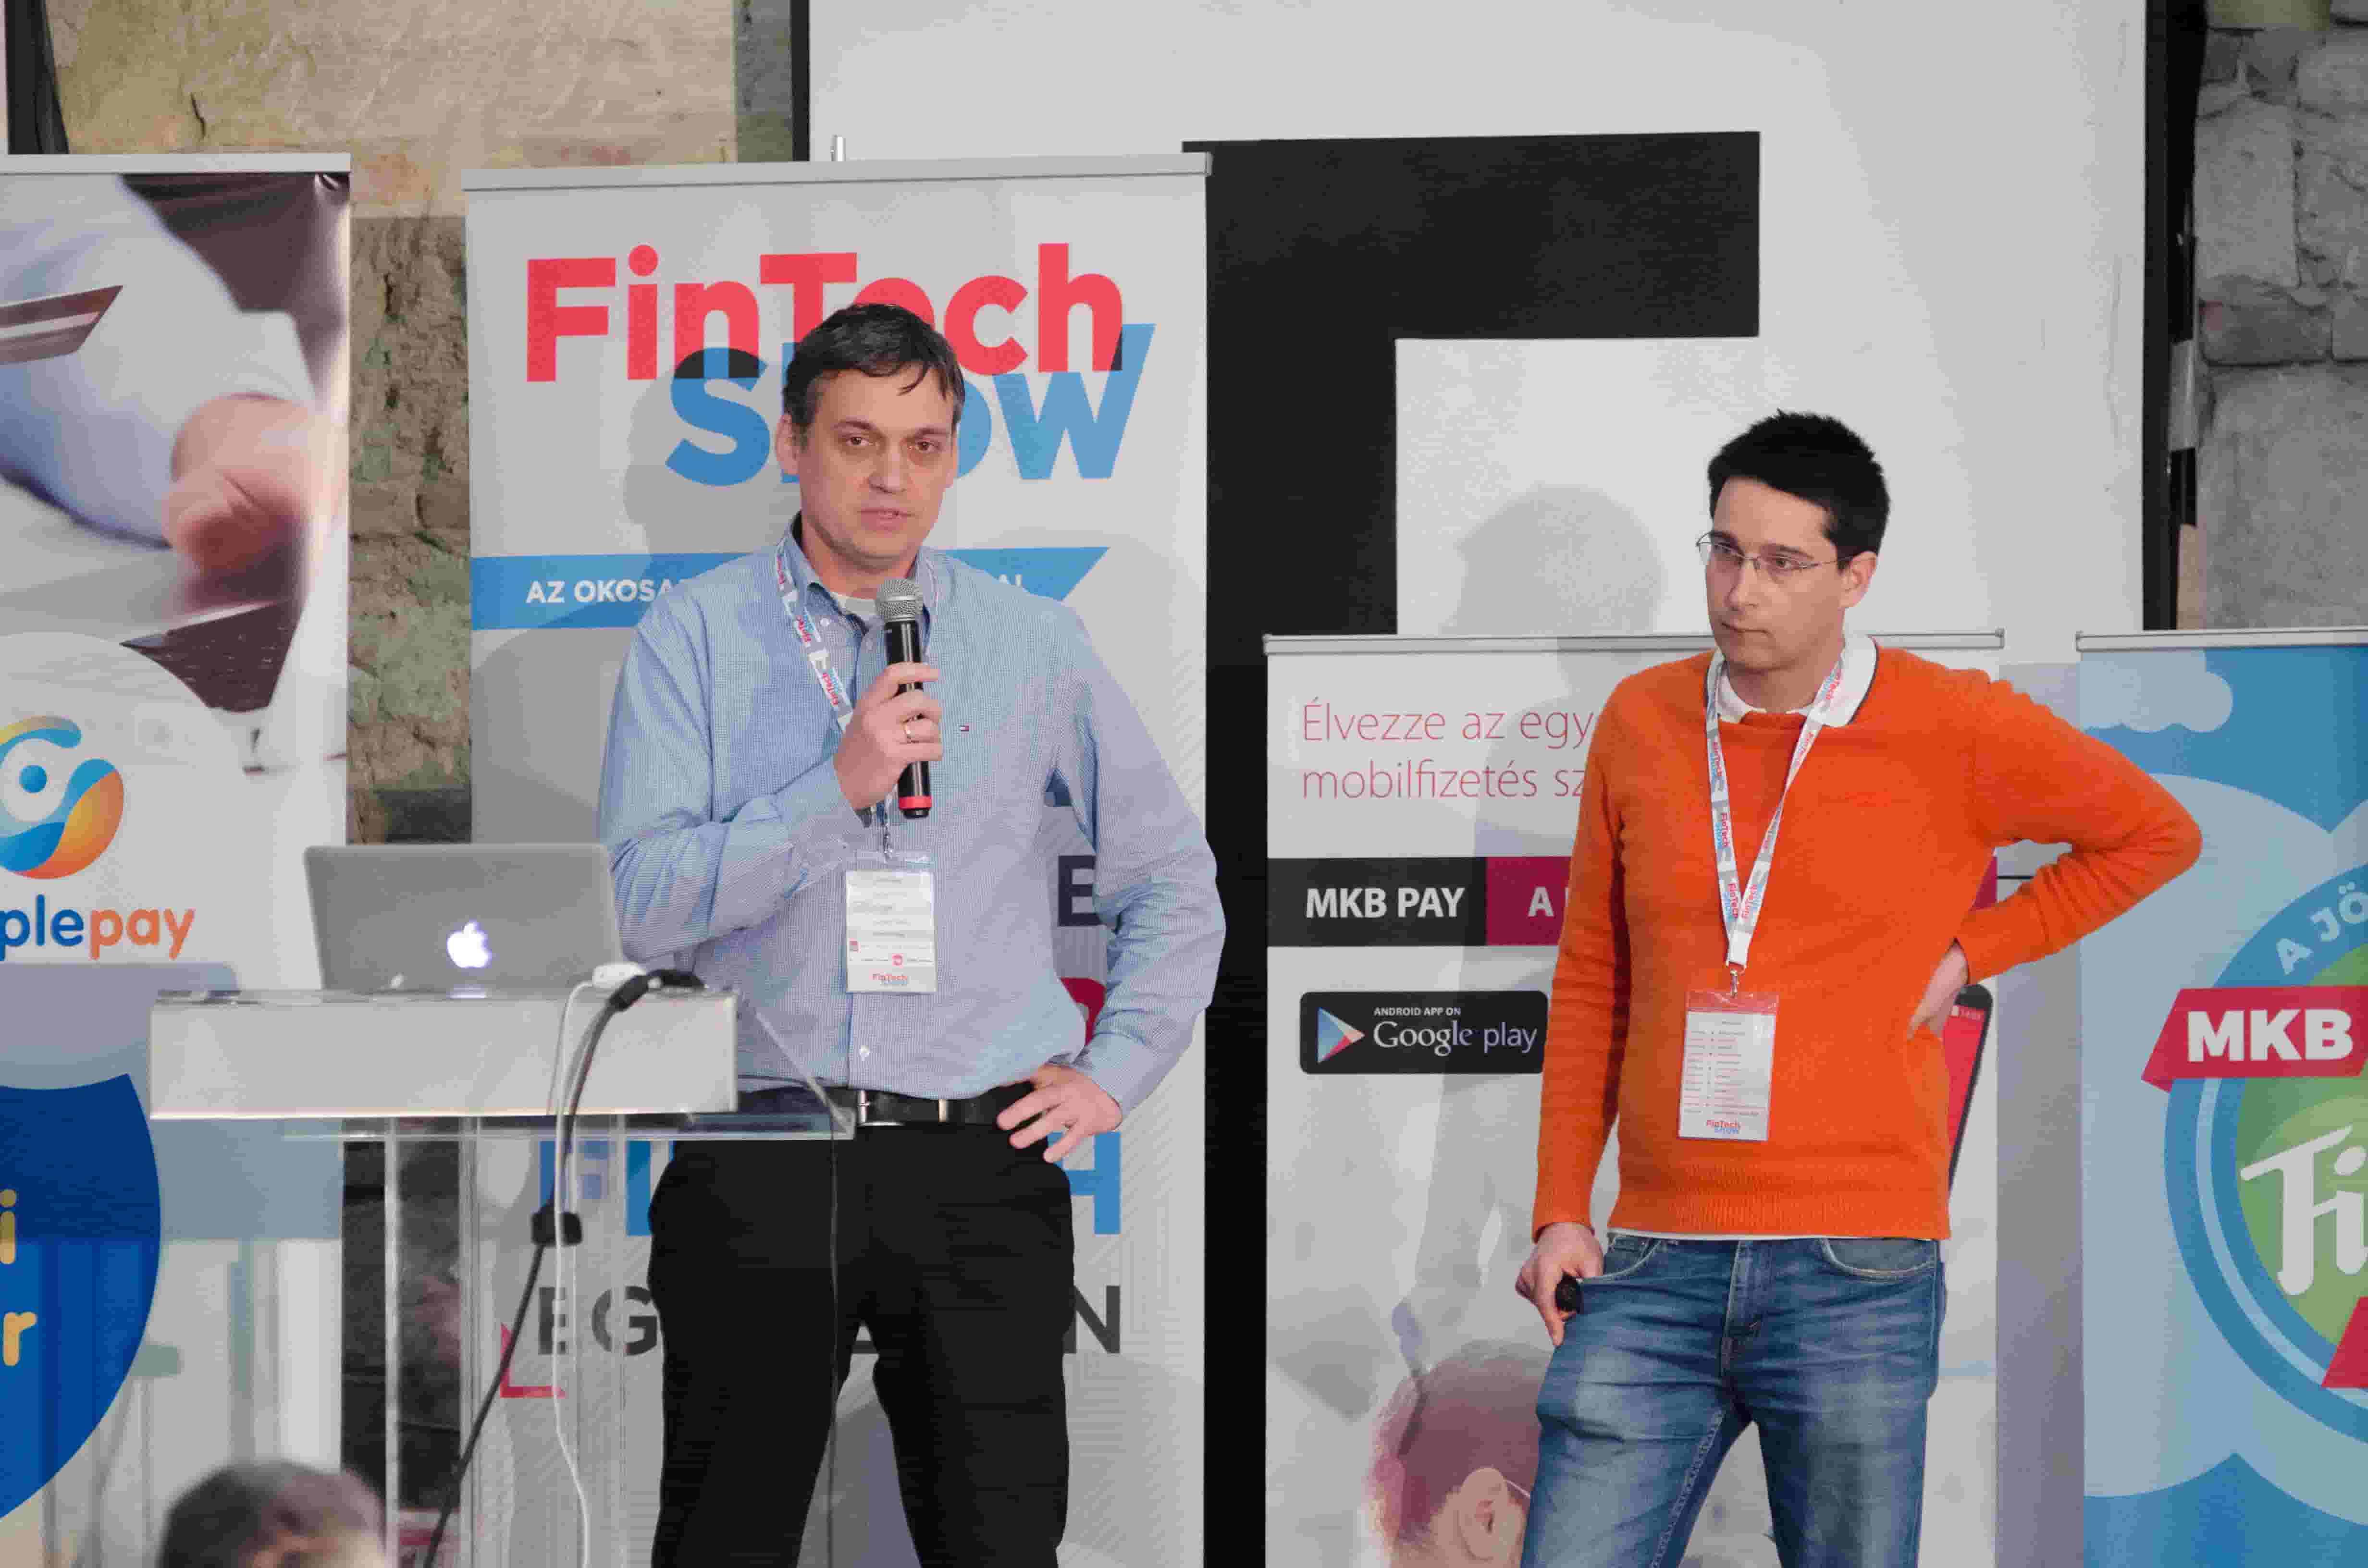 Koin - MagNet Bank, bank - fintech együttműködés, FinTechShow